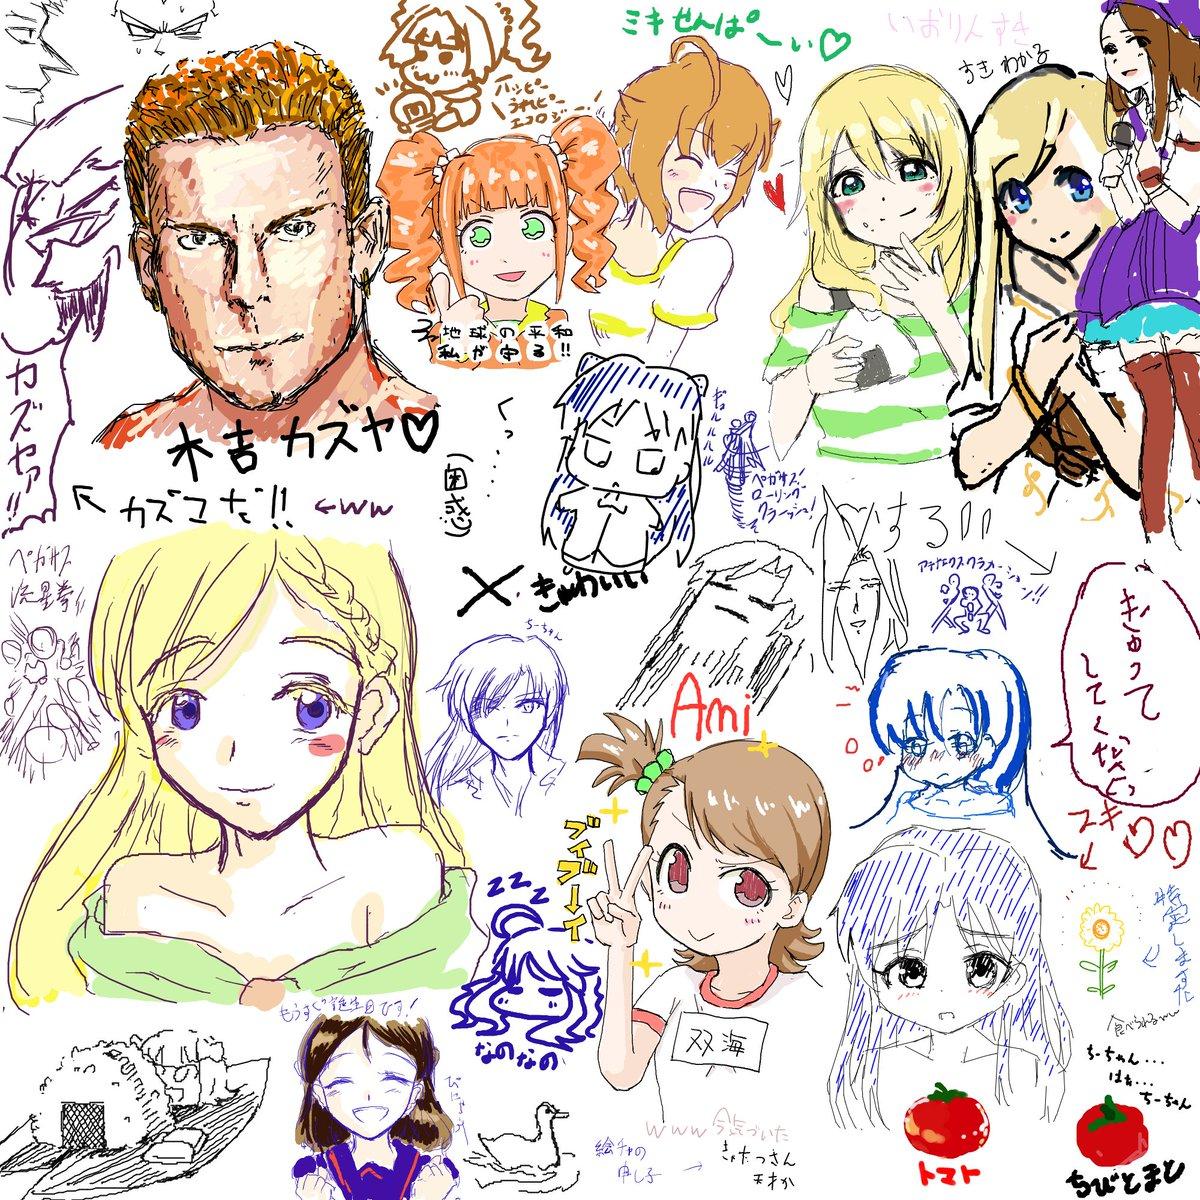 ほっぷさんのとこで絵チャったよー!俺のは主に左下のでかいシャロンちゃんと穂乃香、上の翼、あとは聖闘士星矢です